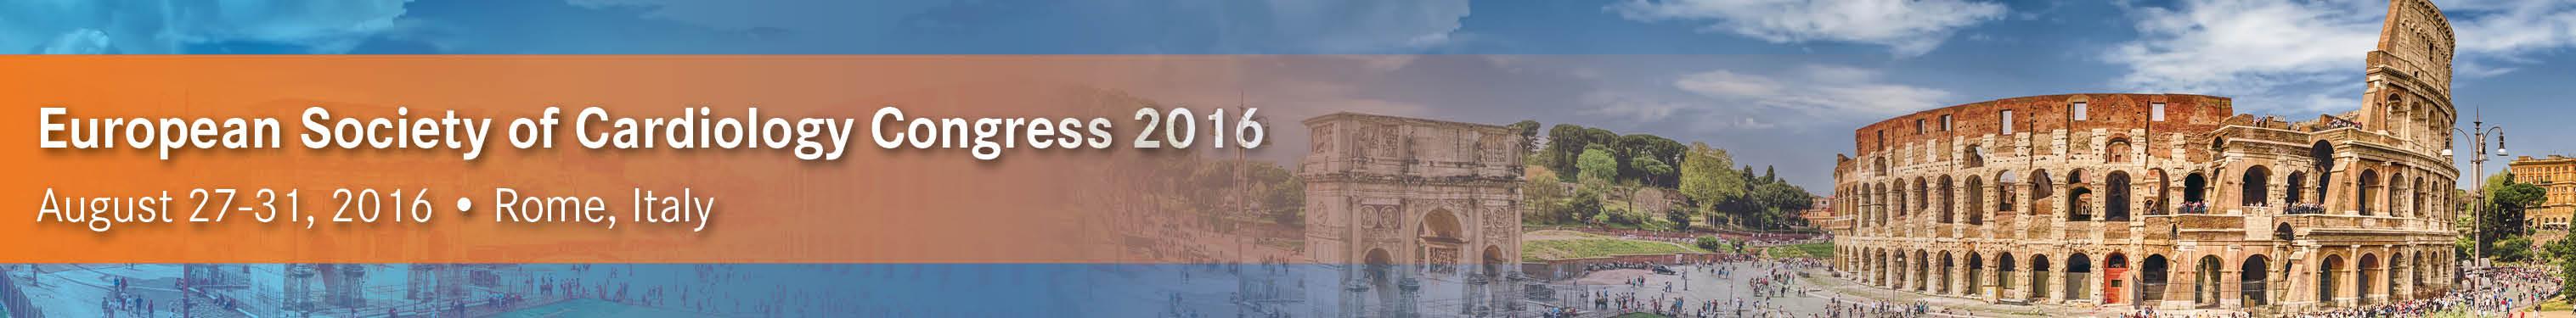 European Society of Cardiology Congress 2016